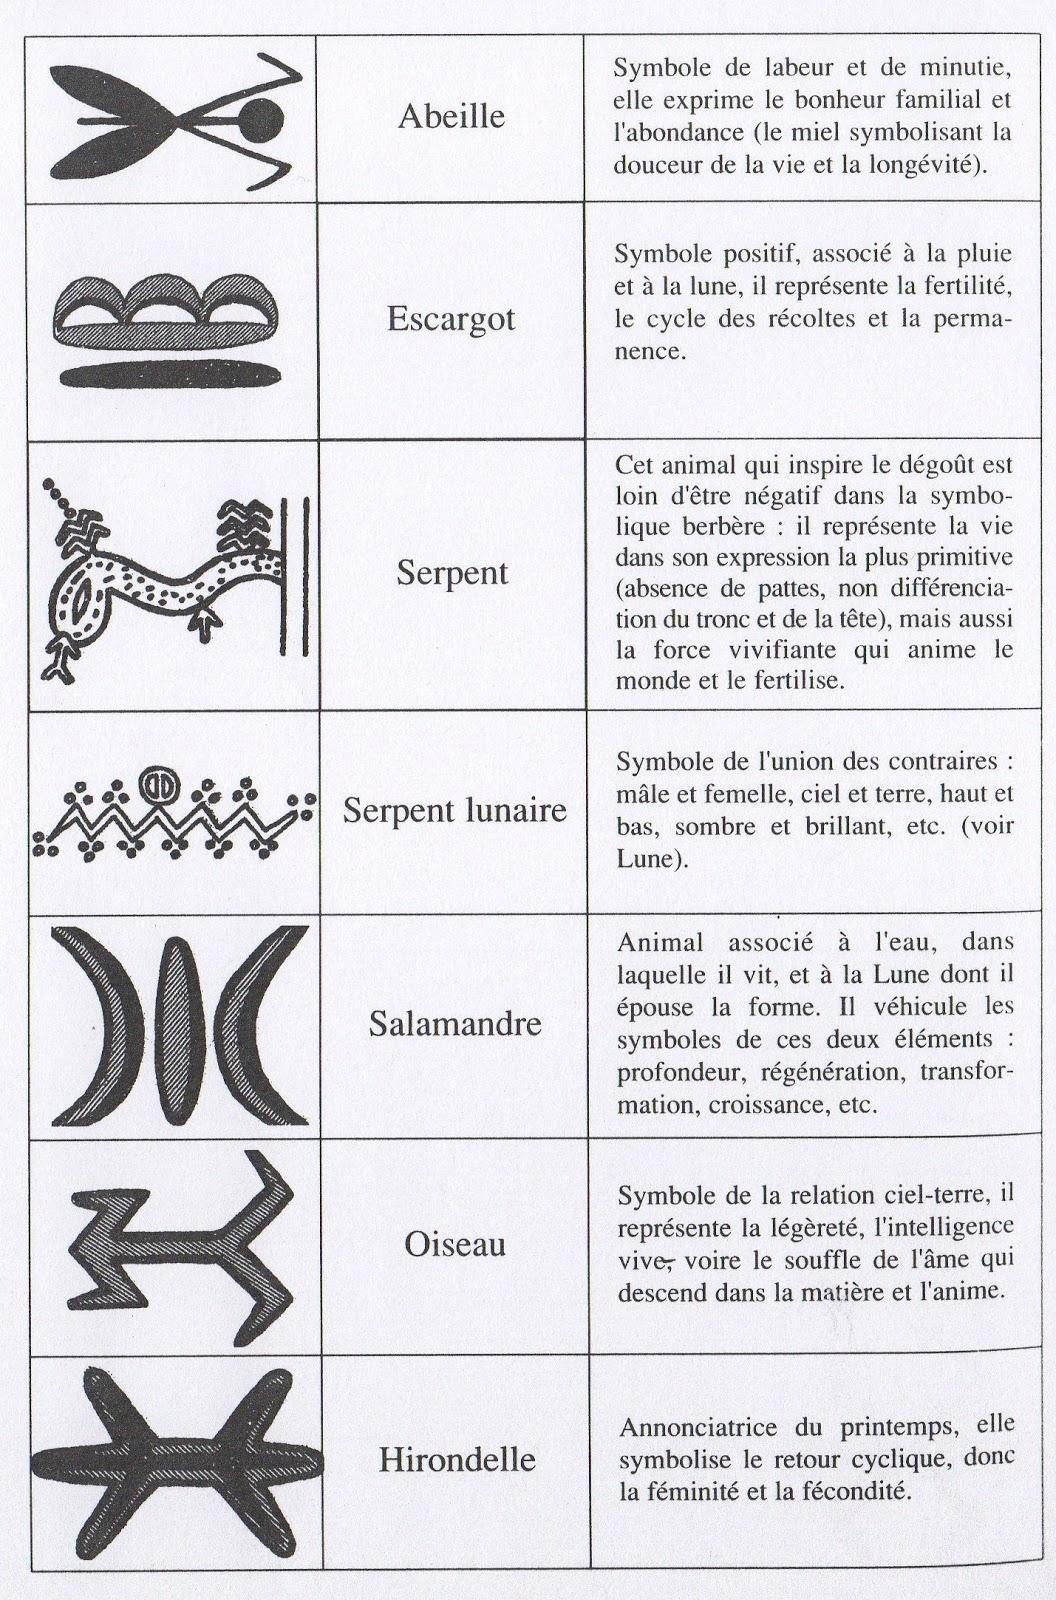 les symbols de berbere